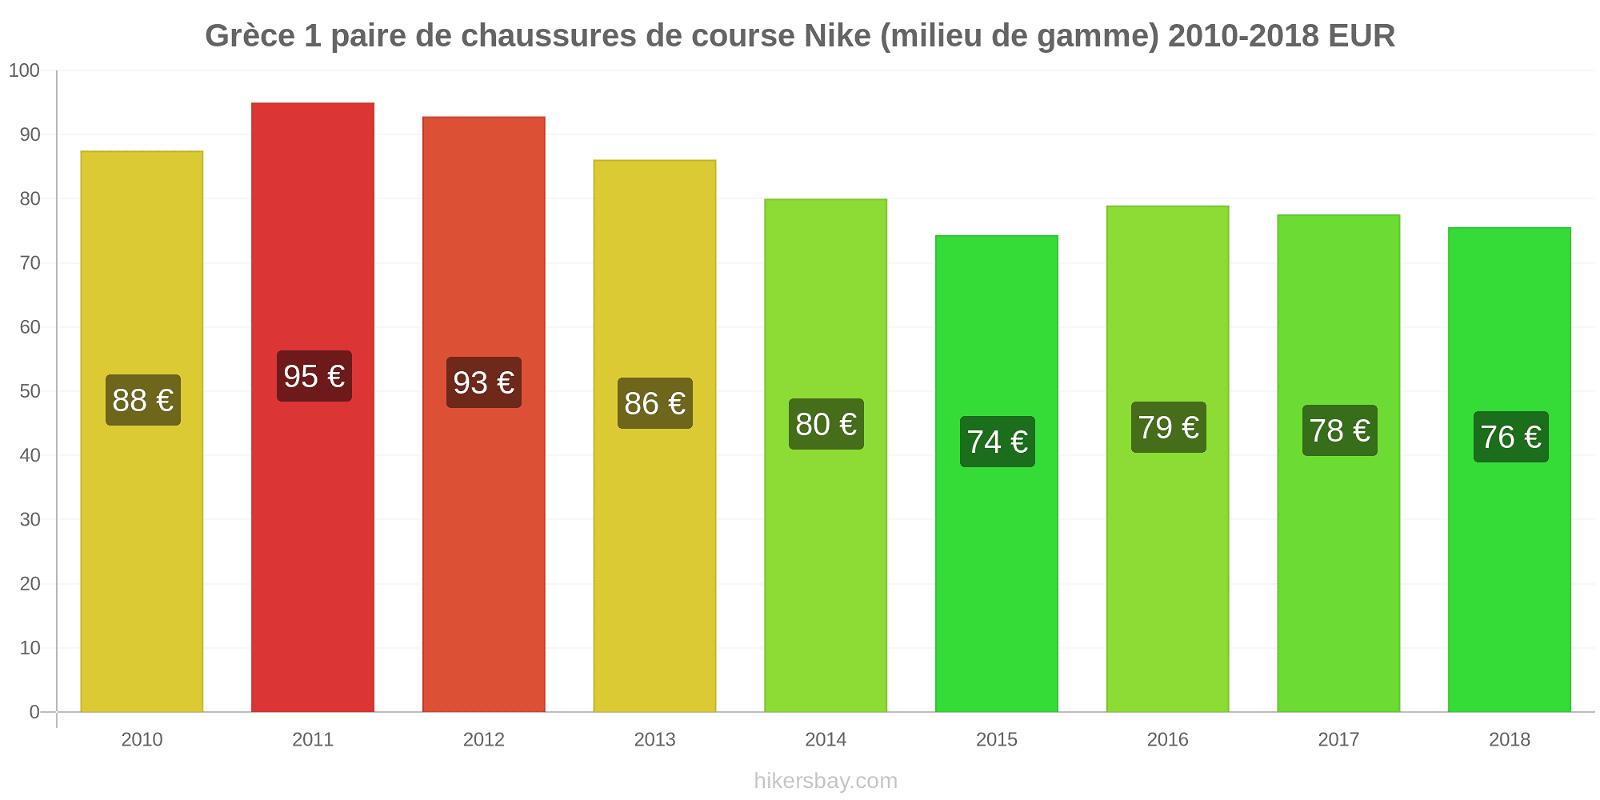 Grèce changements de prix 1 paire de chaussures de course Nike (milieu de gamme) hikersbay.com